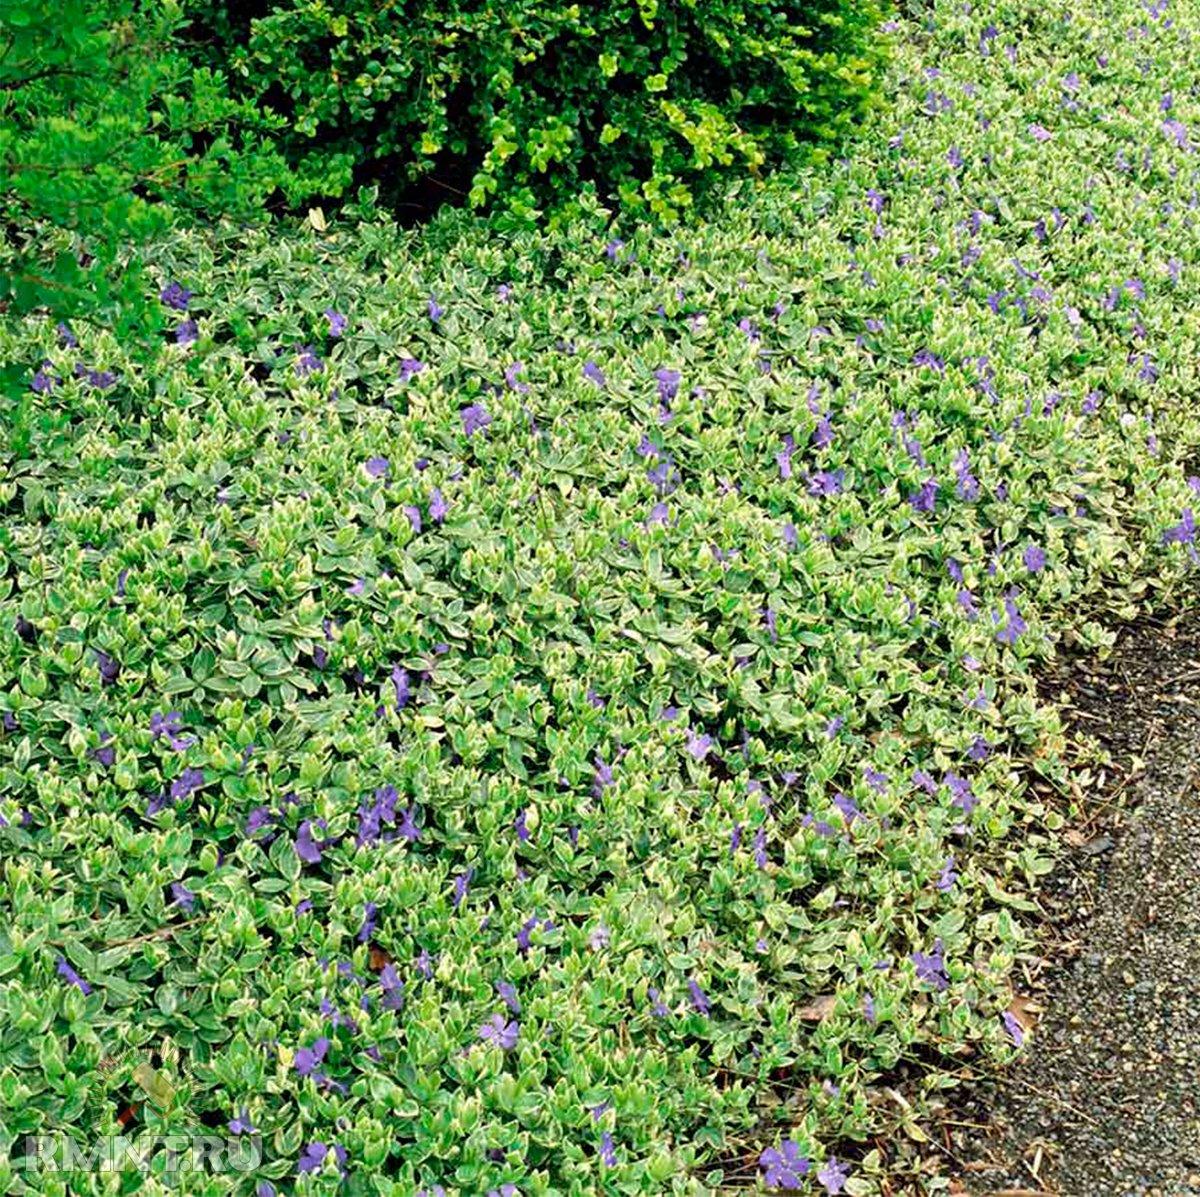 Стойкие растения для шаговых дорожек, парковок, детских площадок на участке